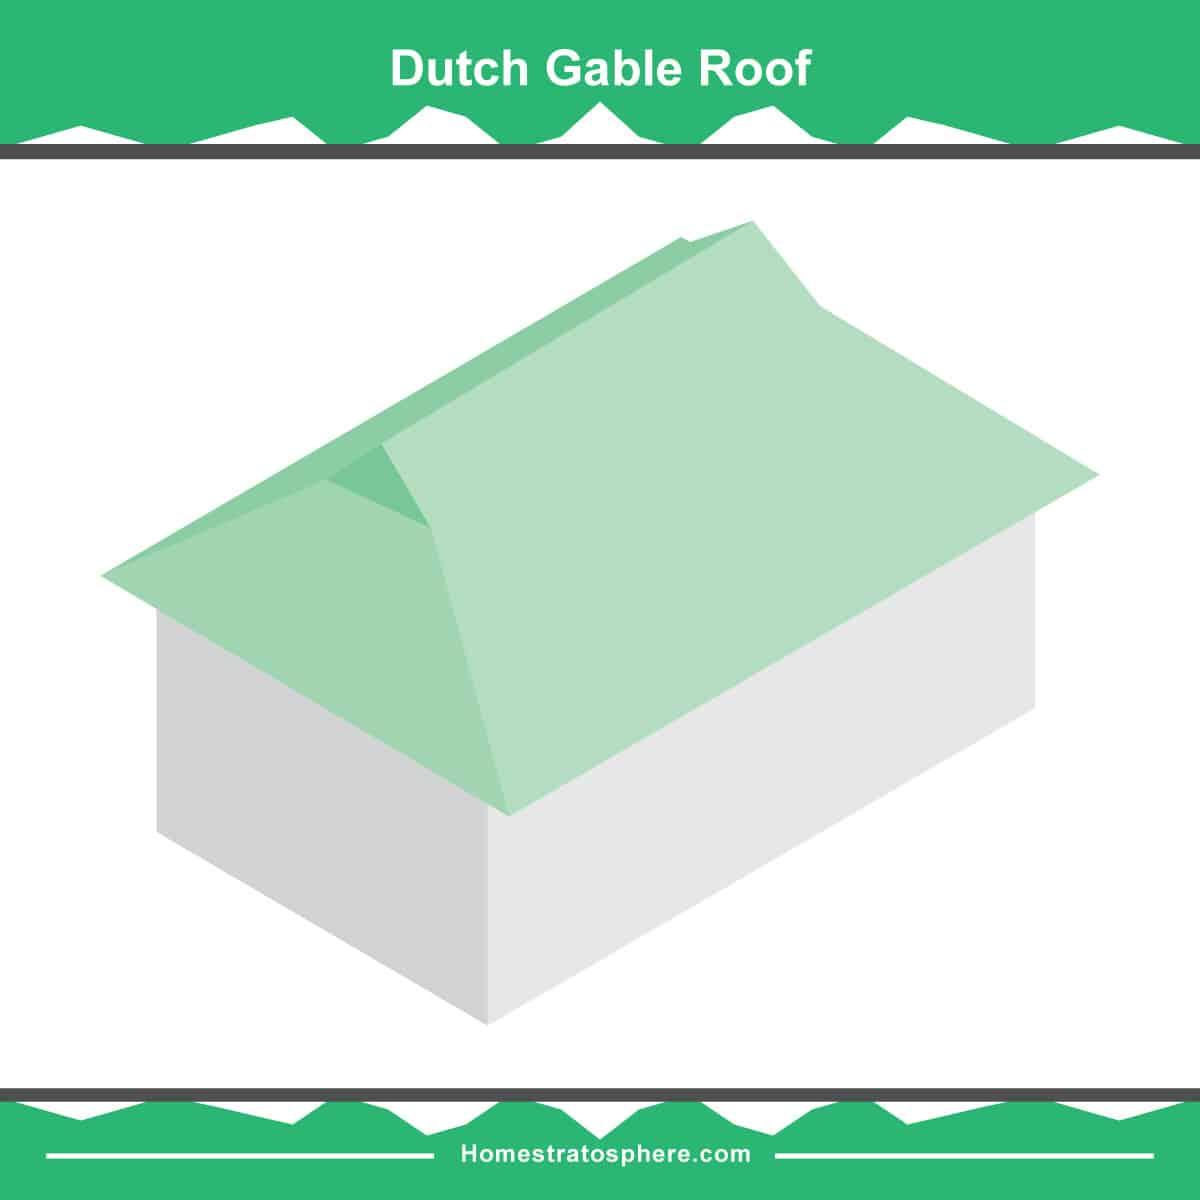 Dutch gable roof diagram